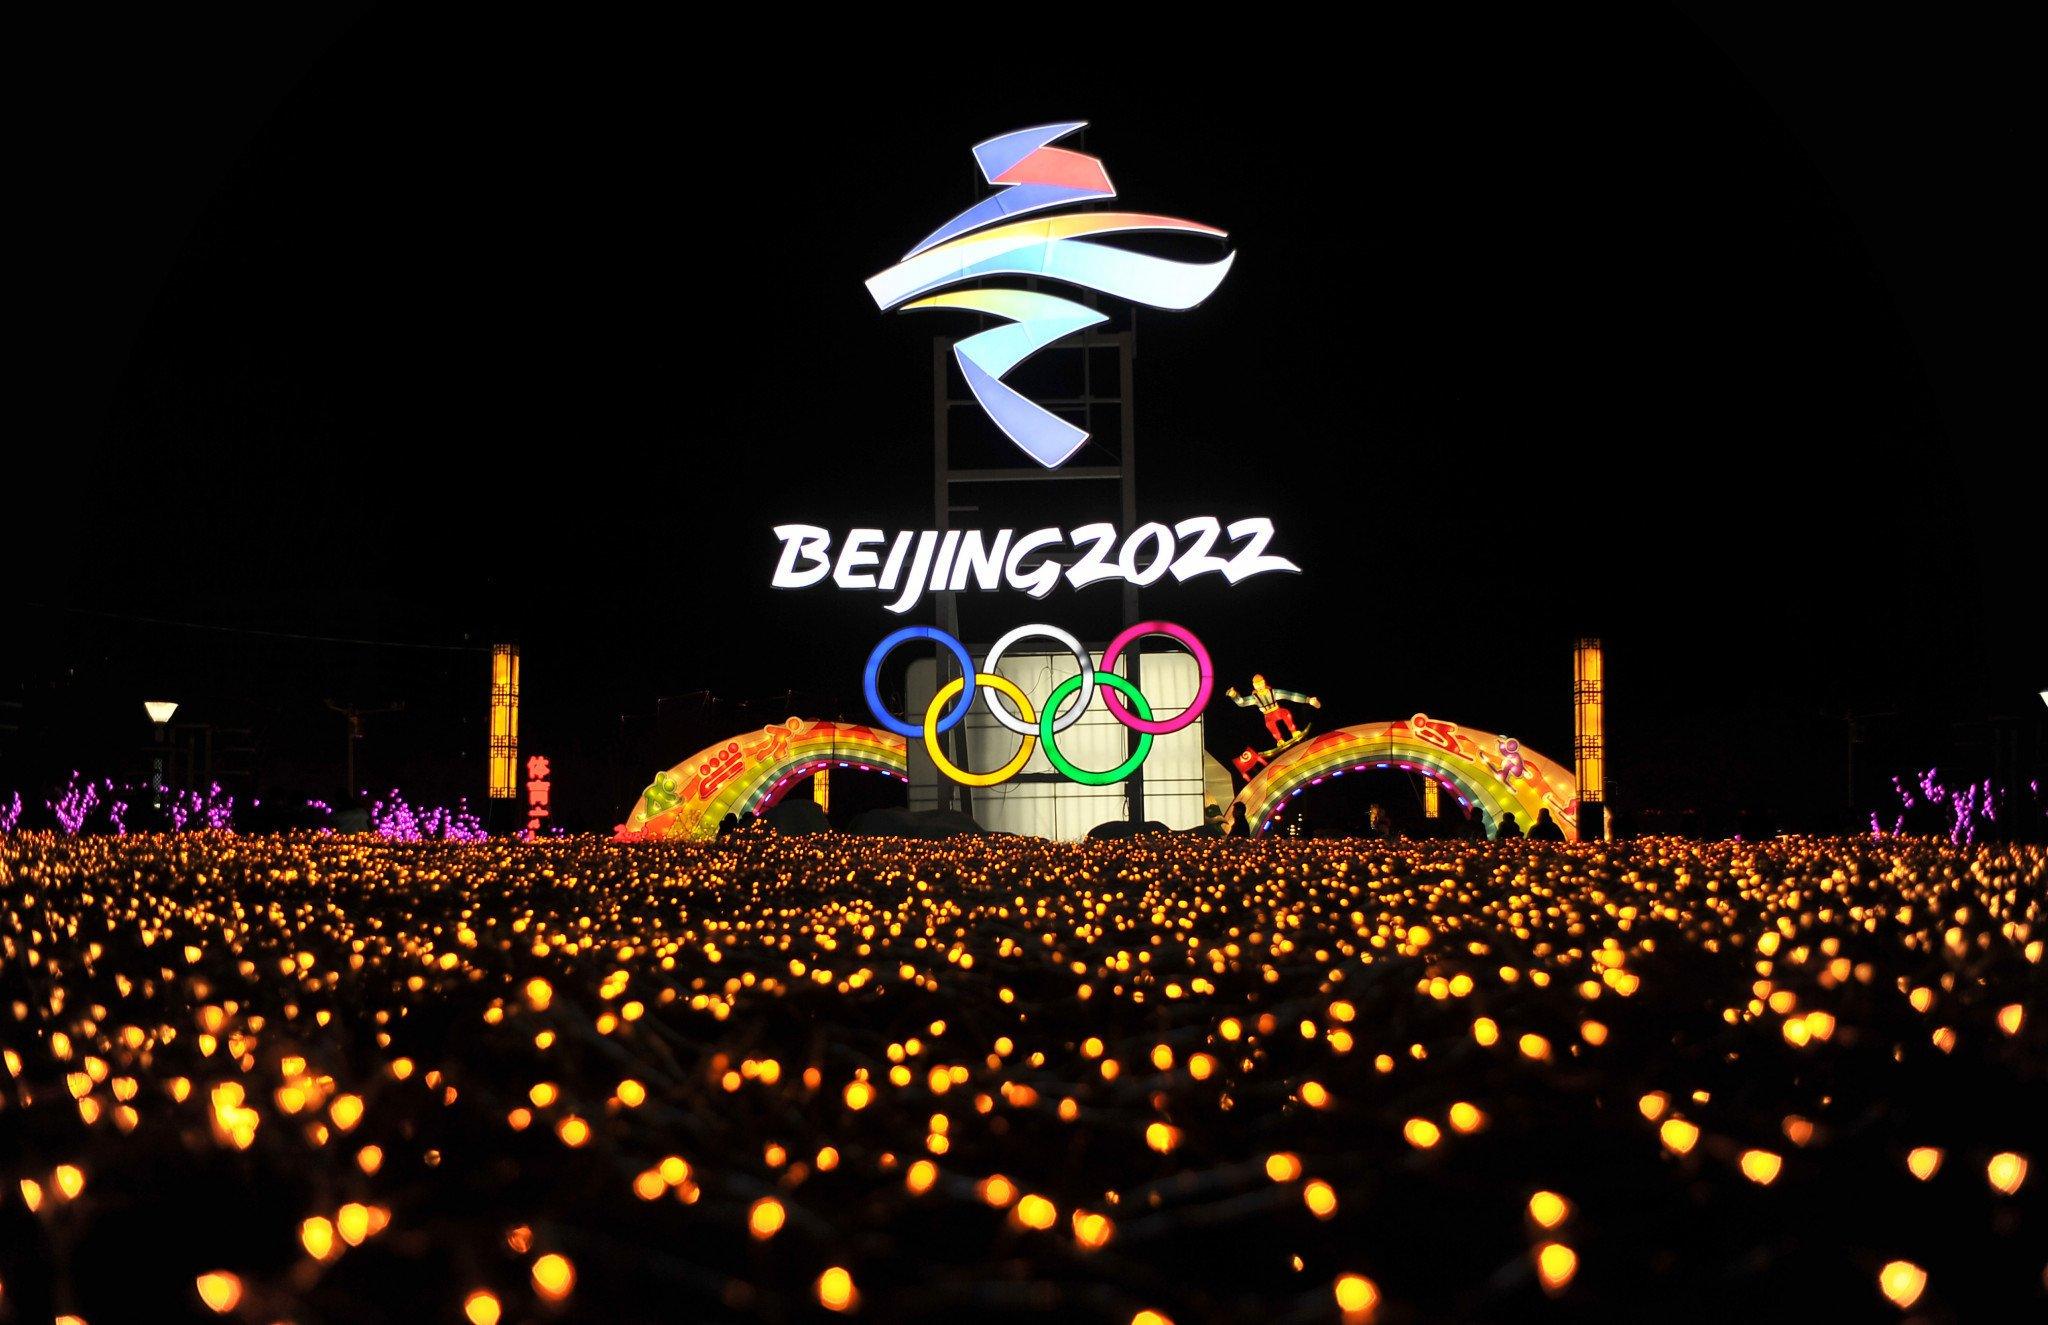 Журналист Дрегер заявил, что хоккейный турнир ОИ-2022 может быть перенесён из Китая в Америку